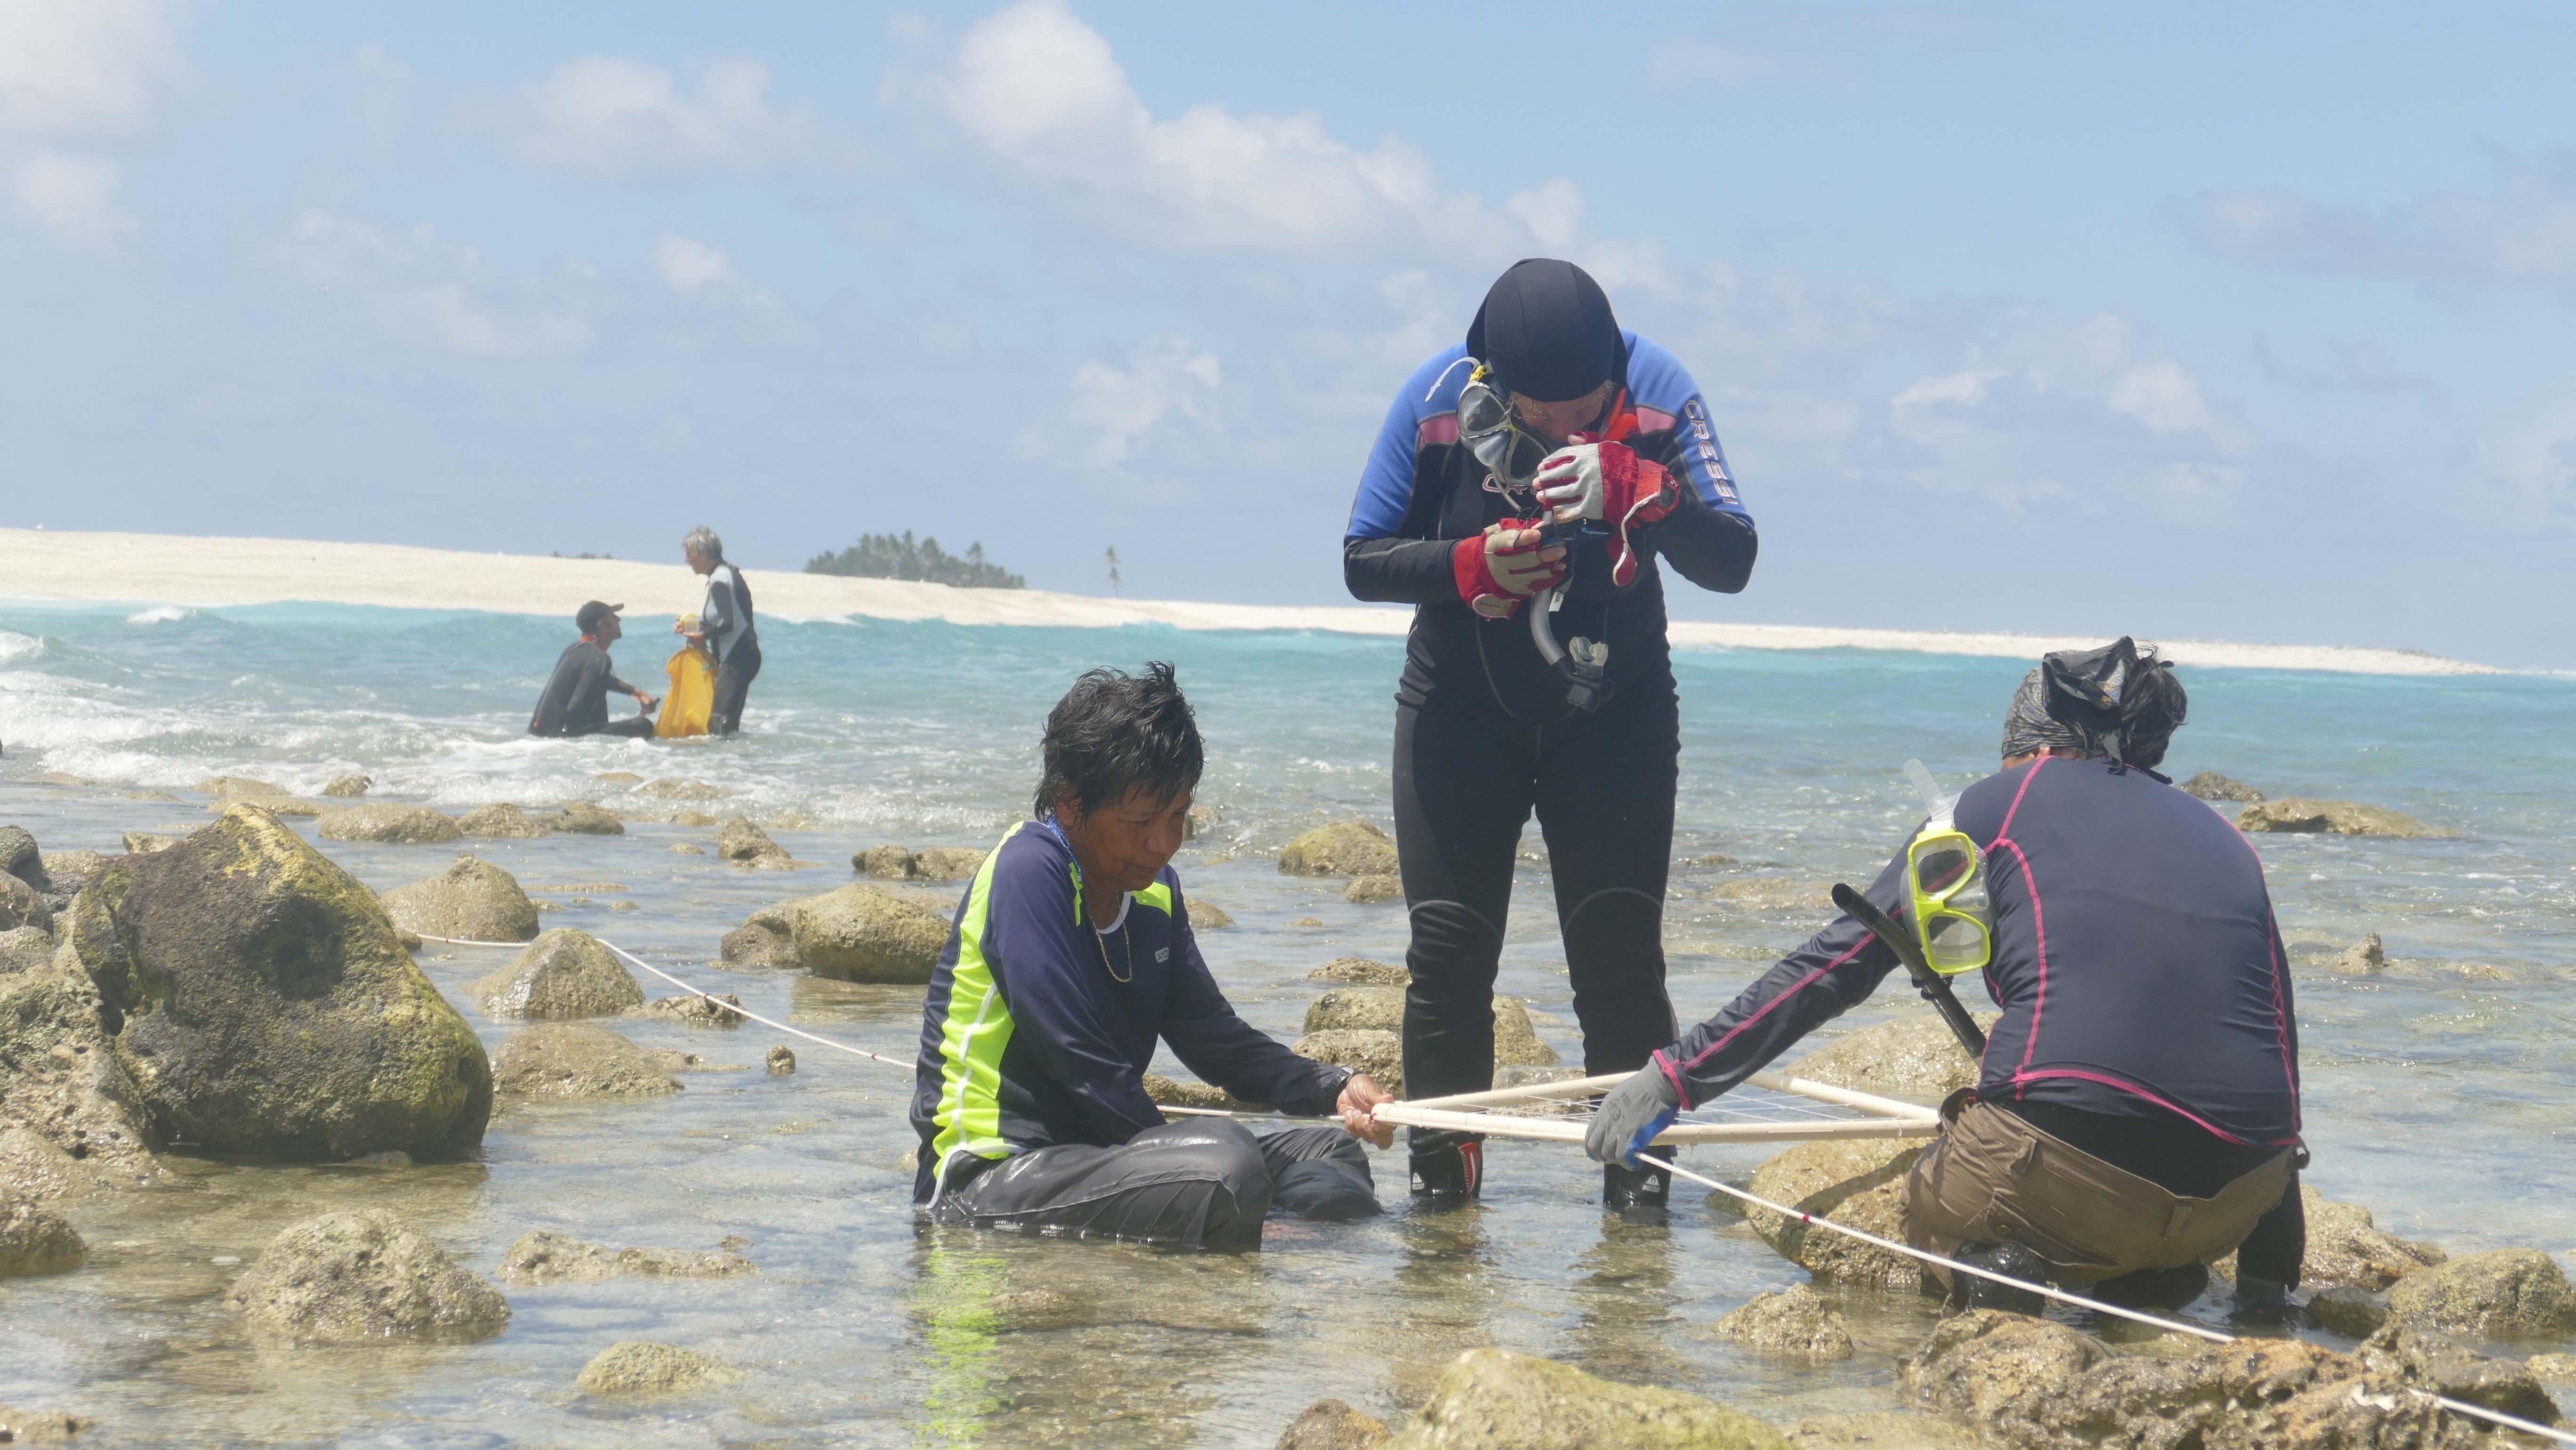 Pendant 14 jours, les biologistes marins ont collecté et identifié des espèces sur le platier corallien.